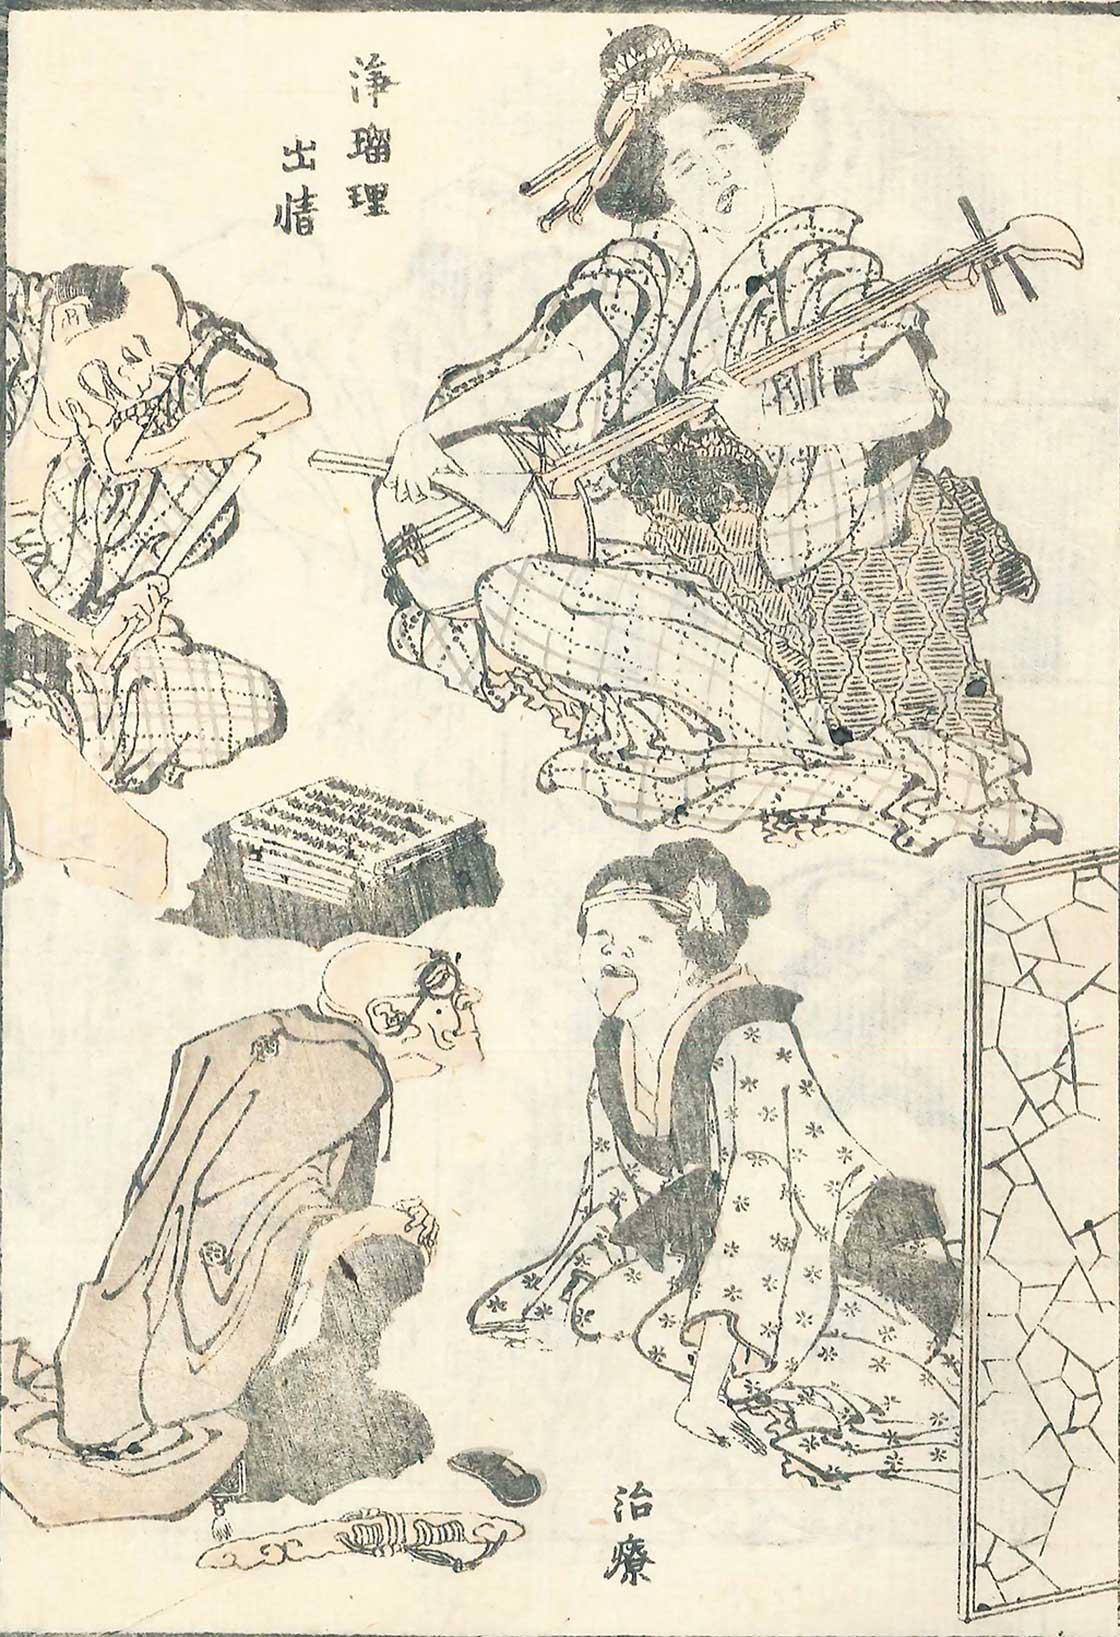 葛飾北斎『北斎漫画』十二編 治療(通期)